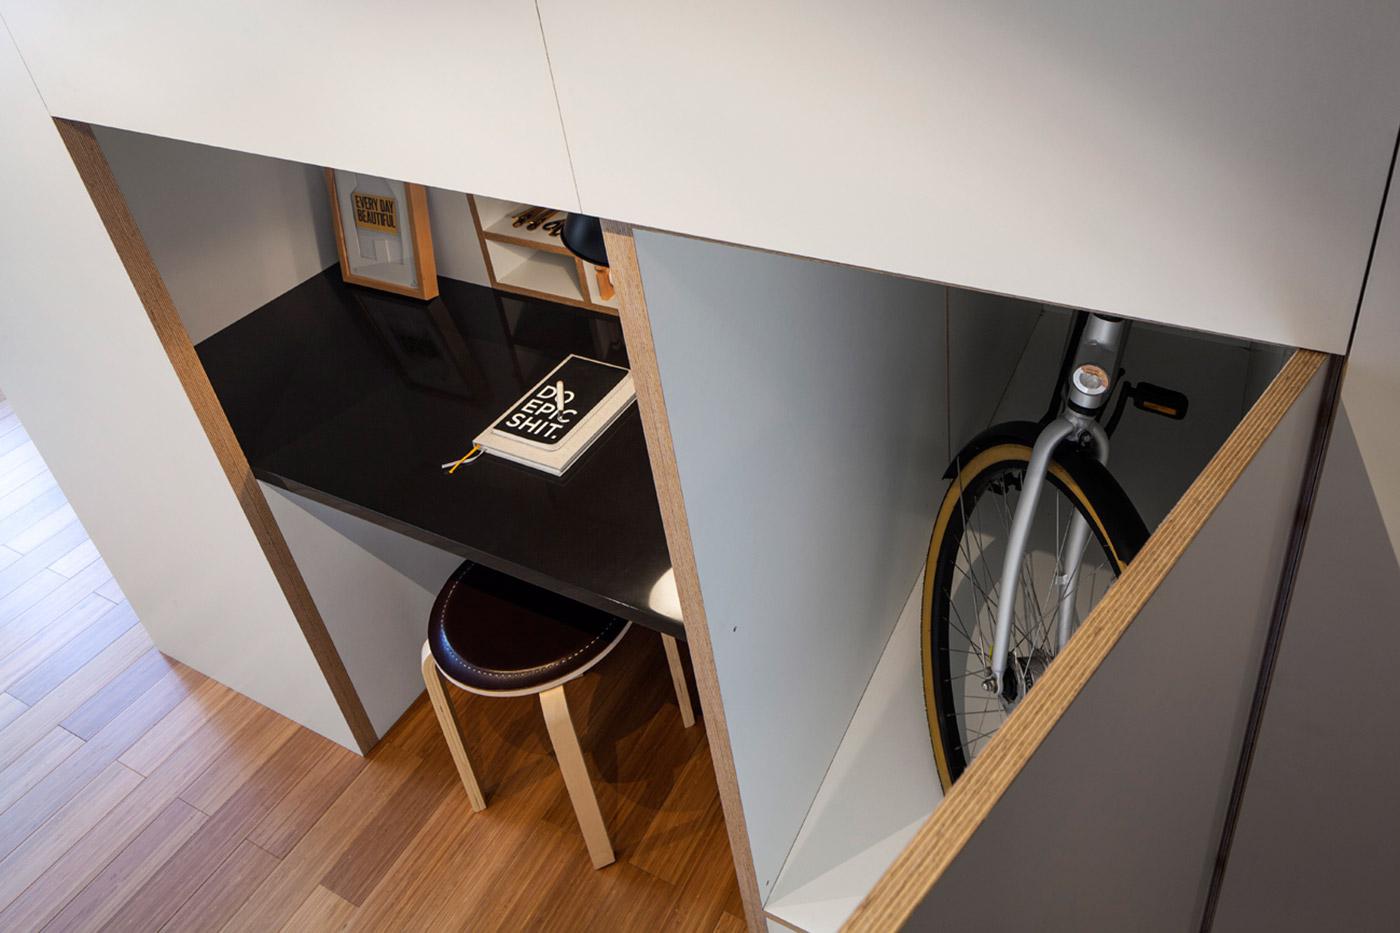 Bike storage ideas